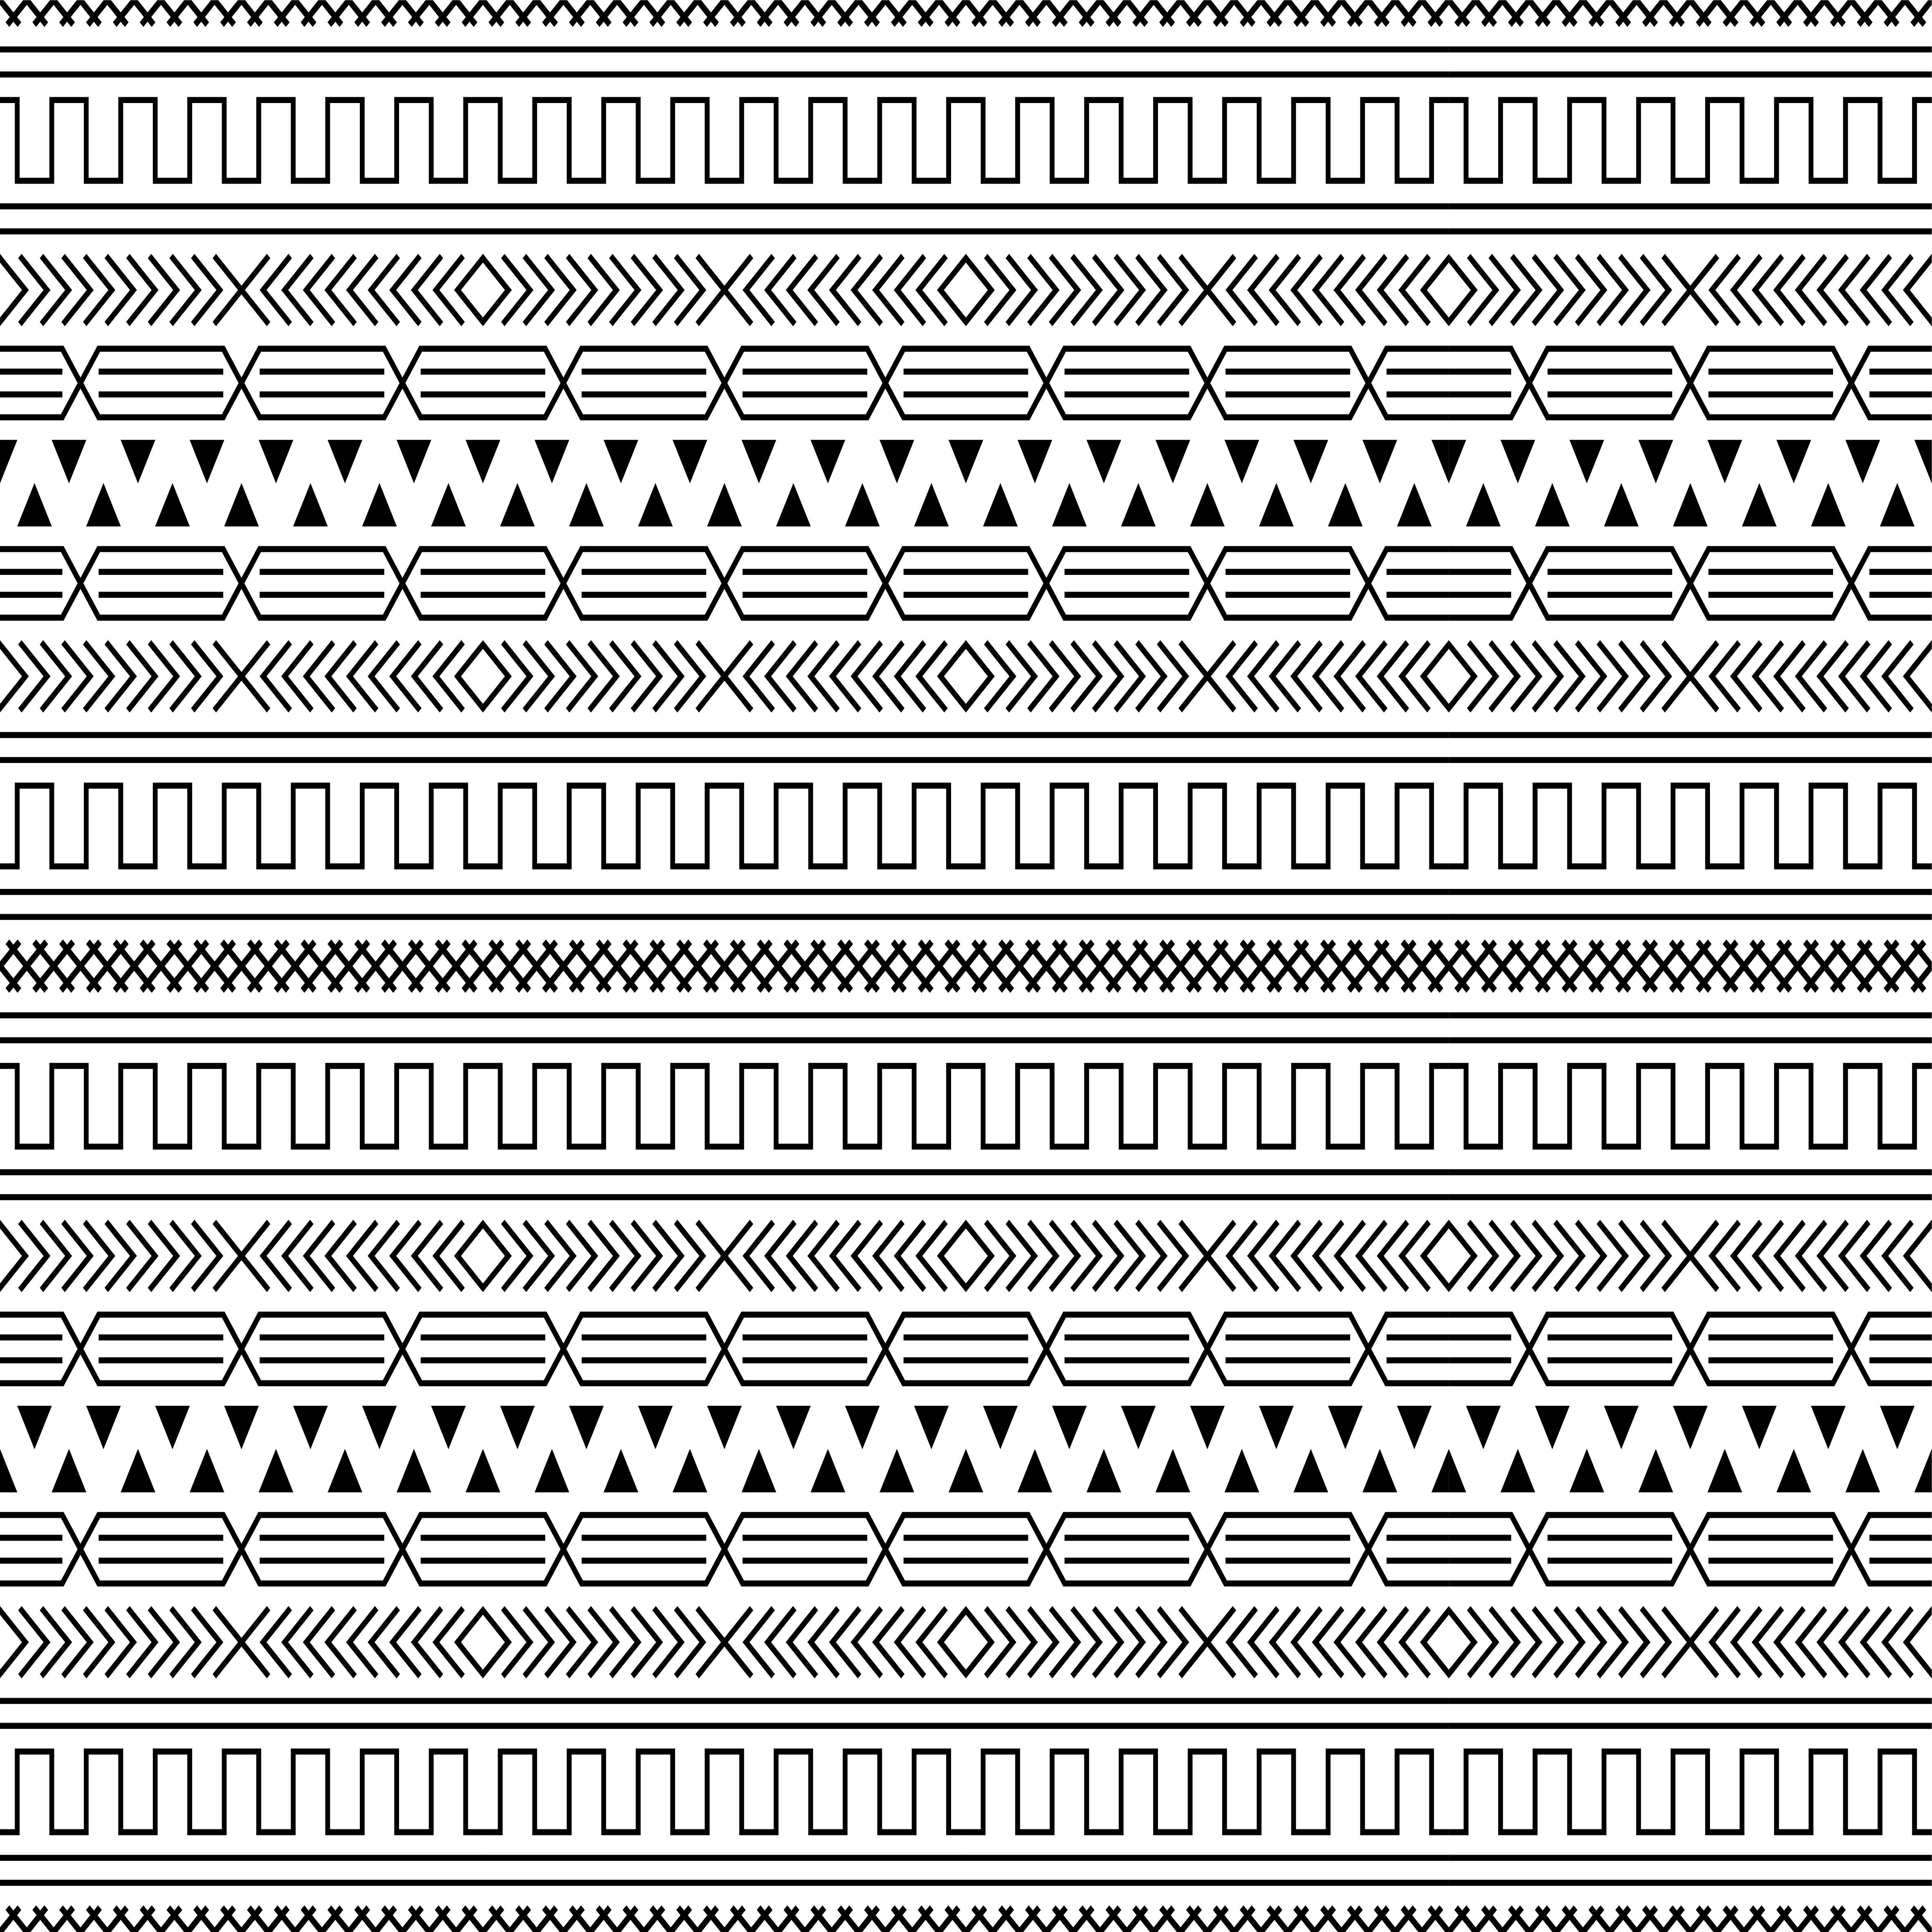 Geometrische Grundform Nahtlose Muster 689543 13